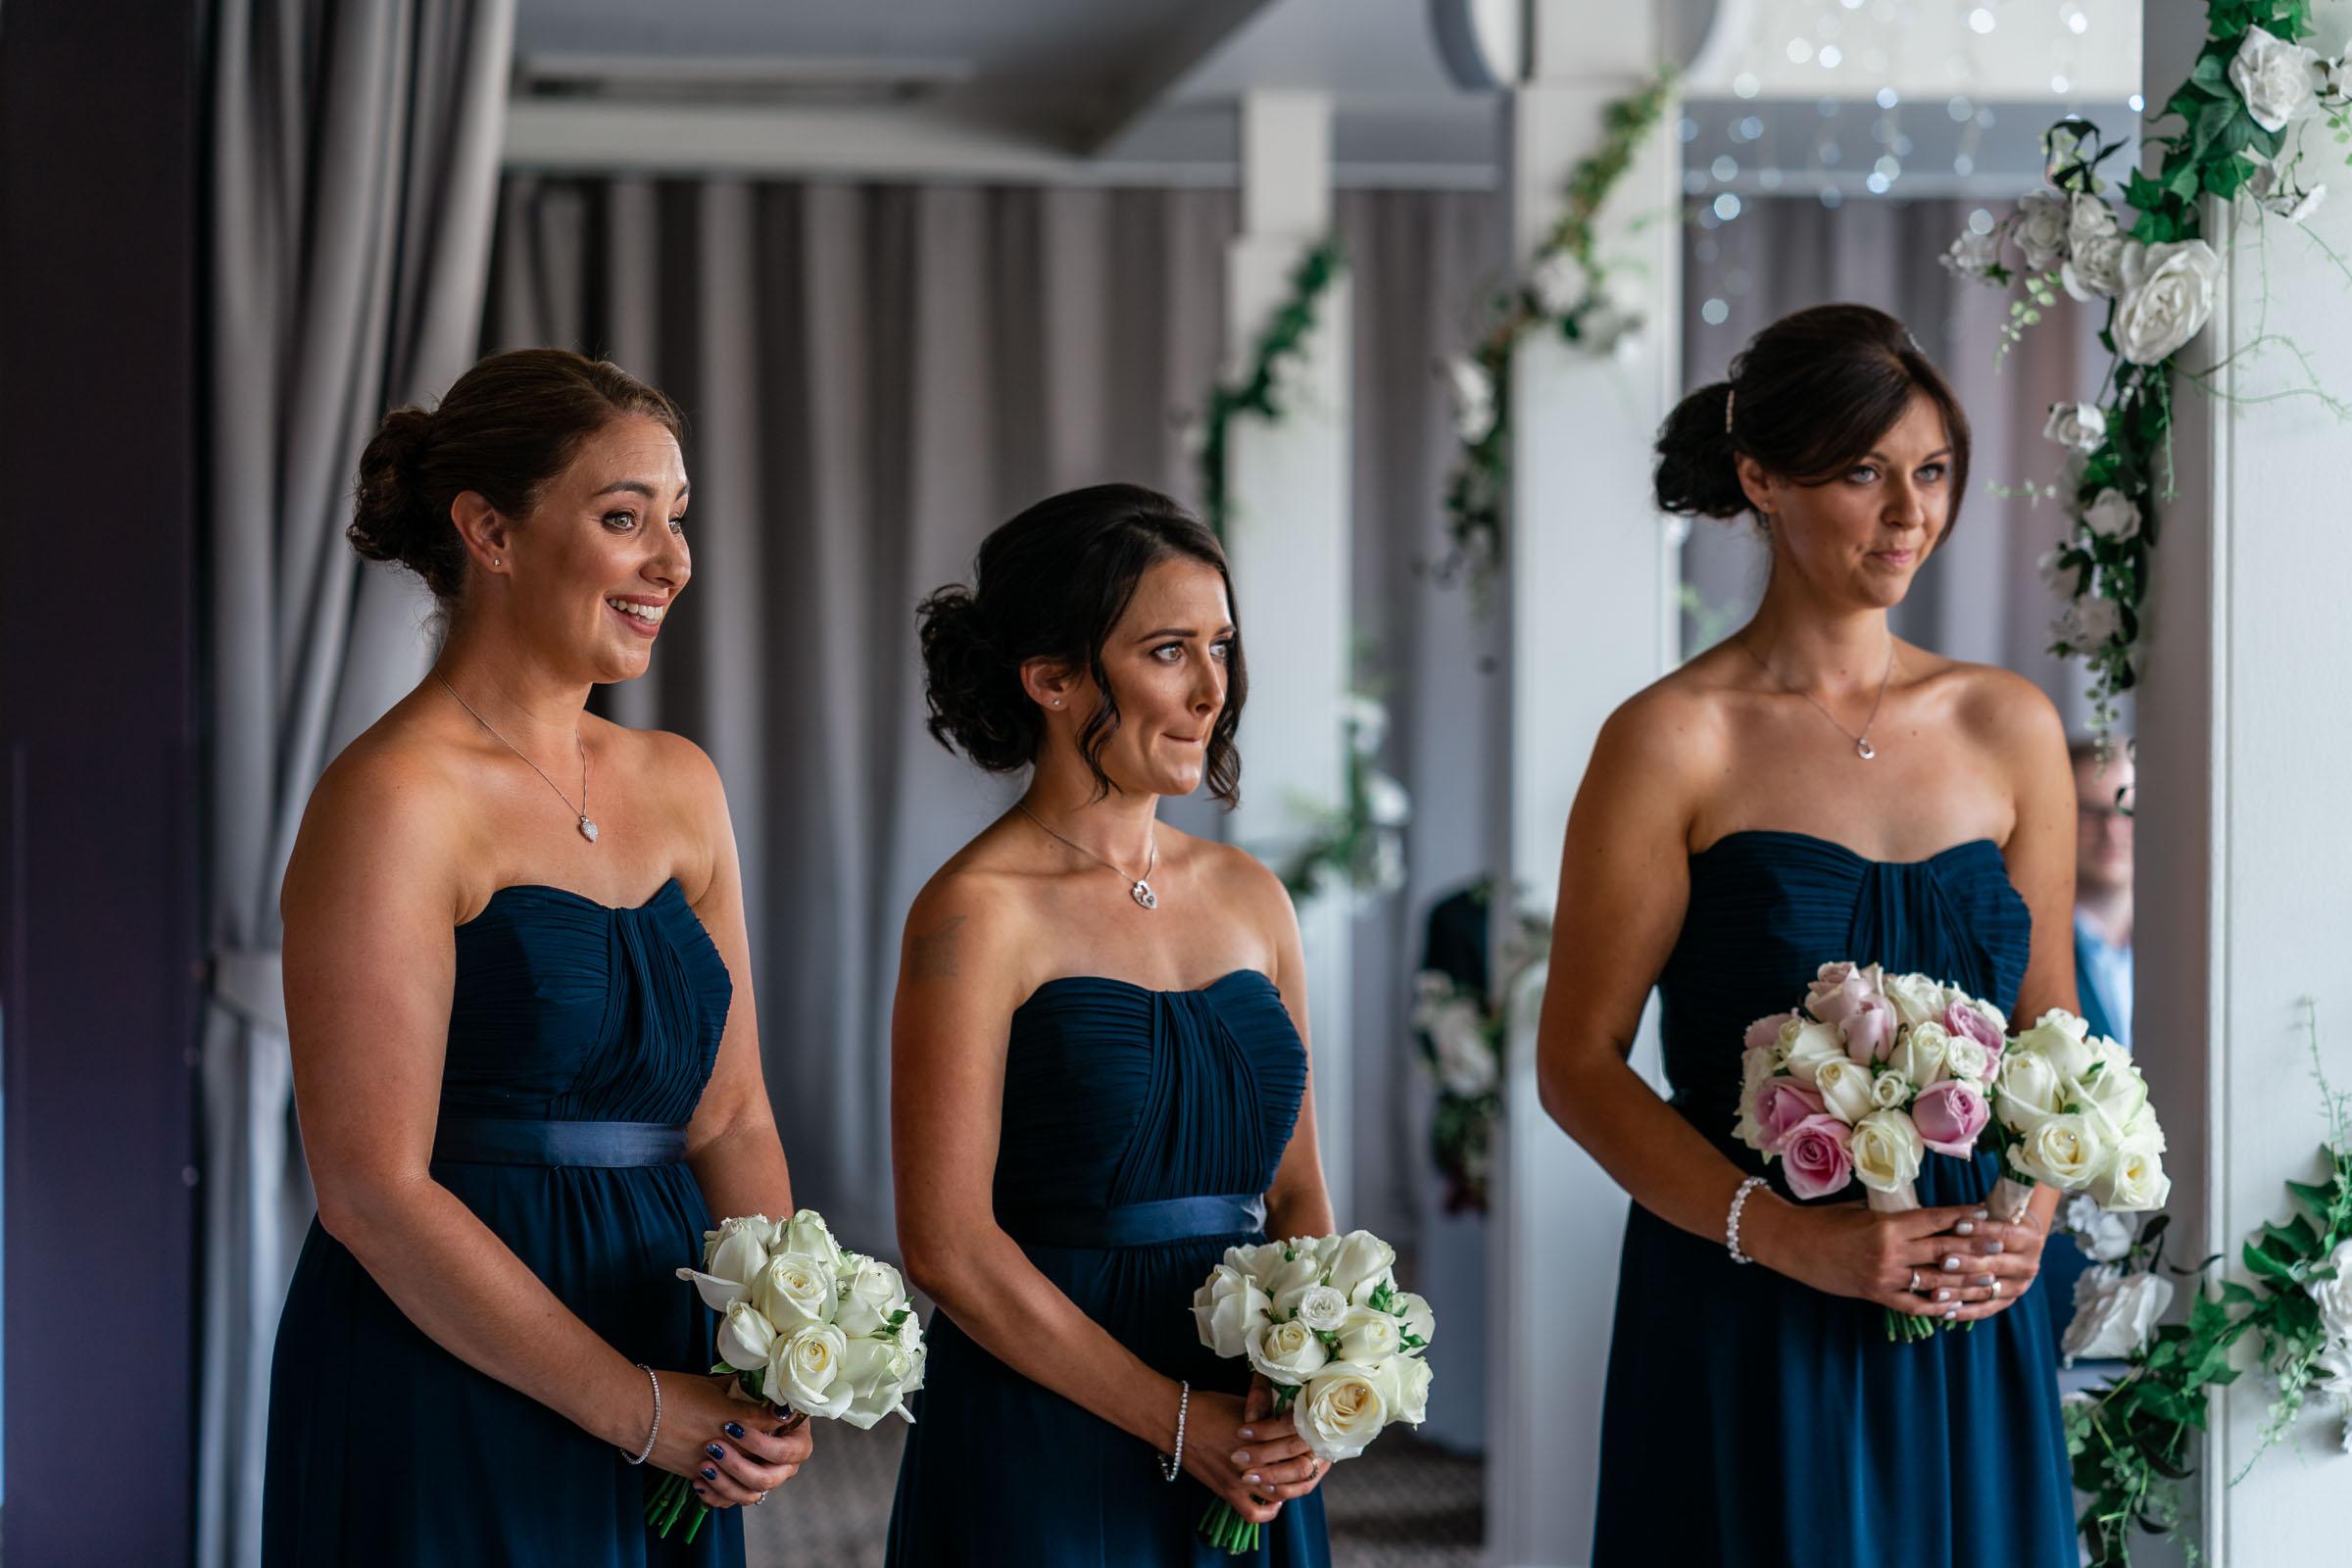 edinburgh_apex_hotel_wedding_dearlyphotography (21 of 65).jpg